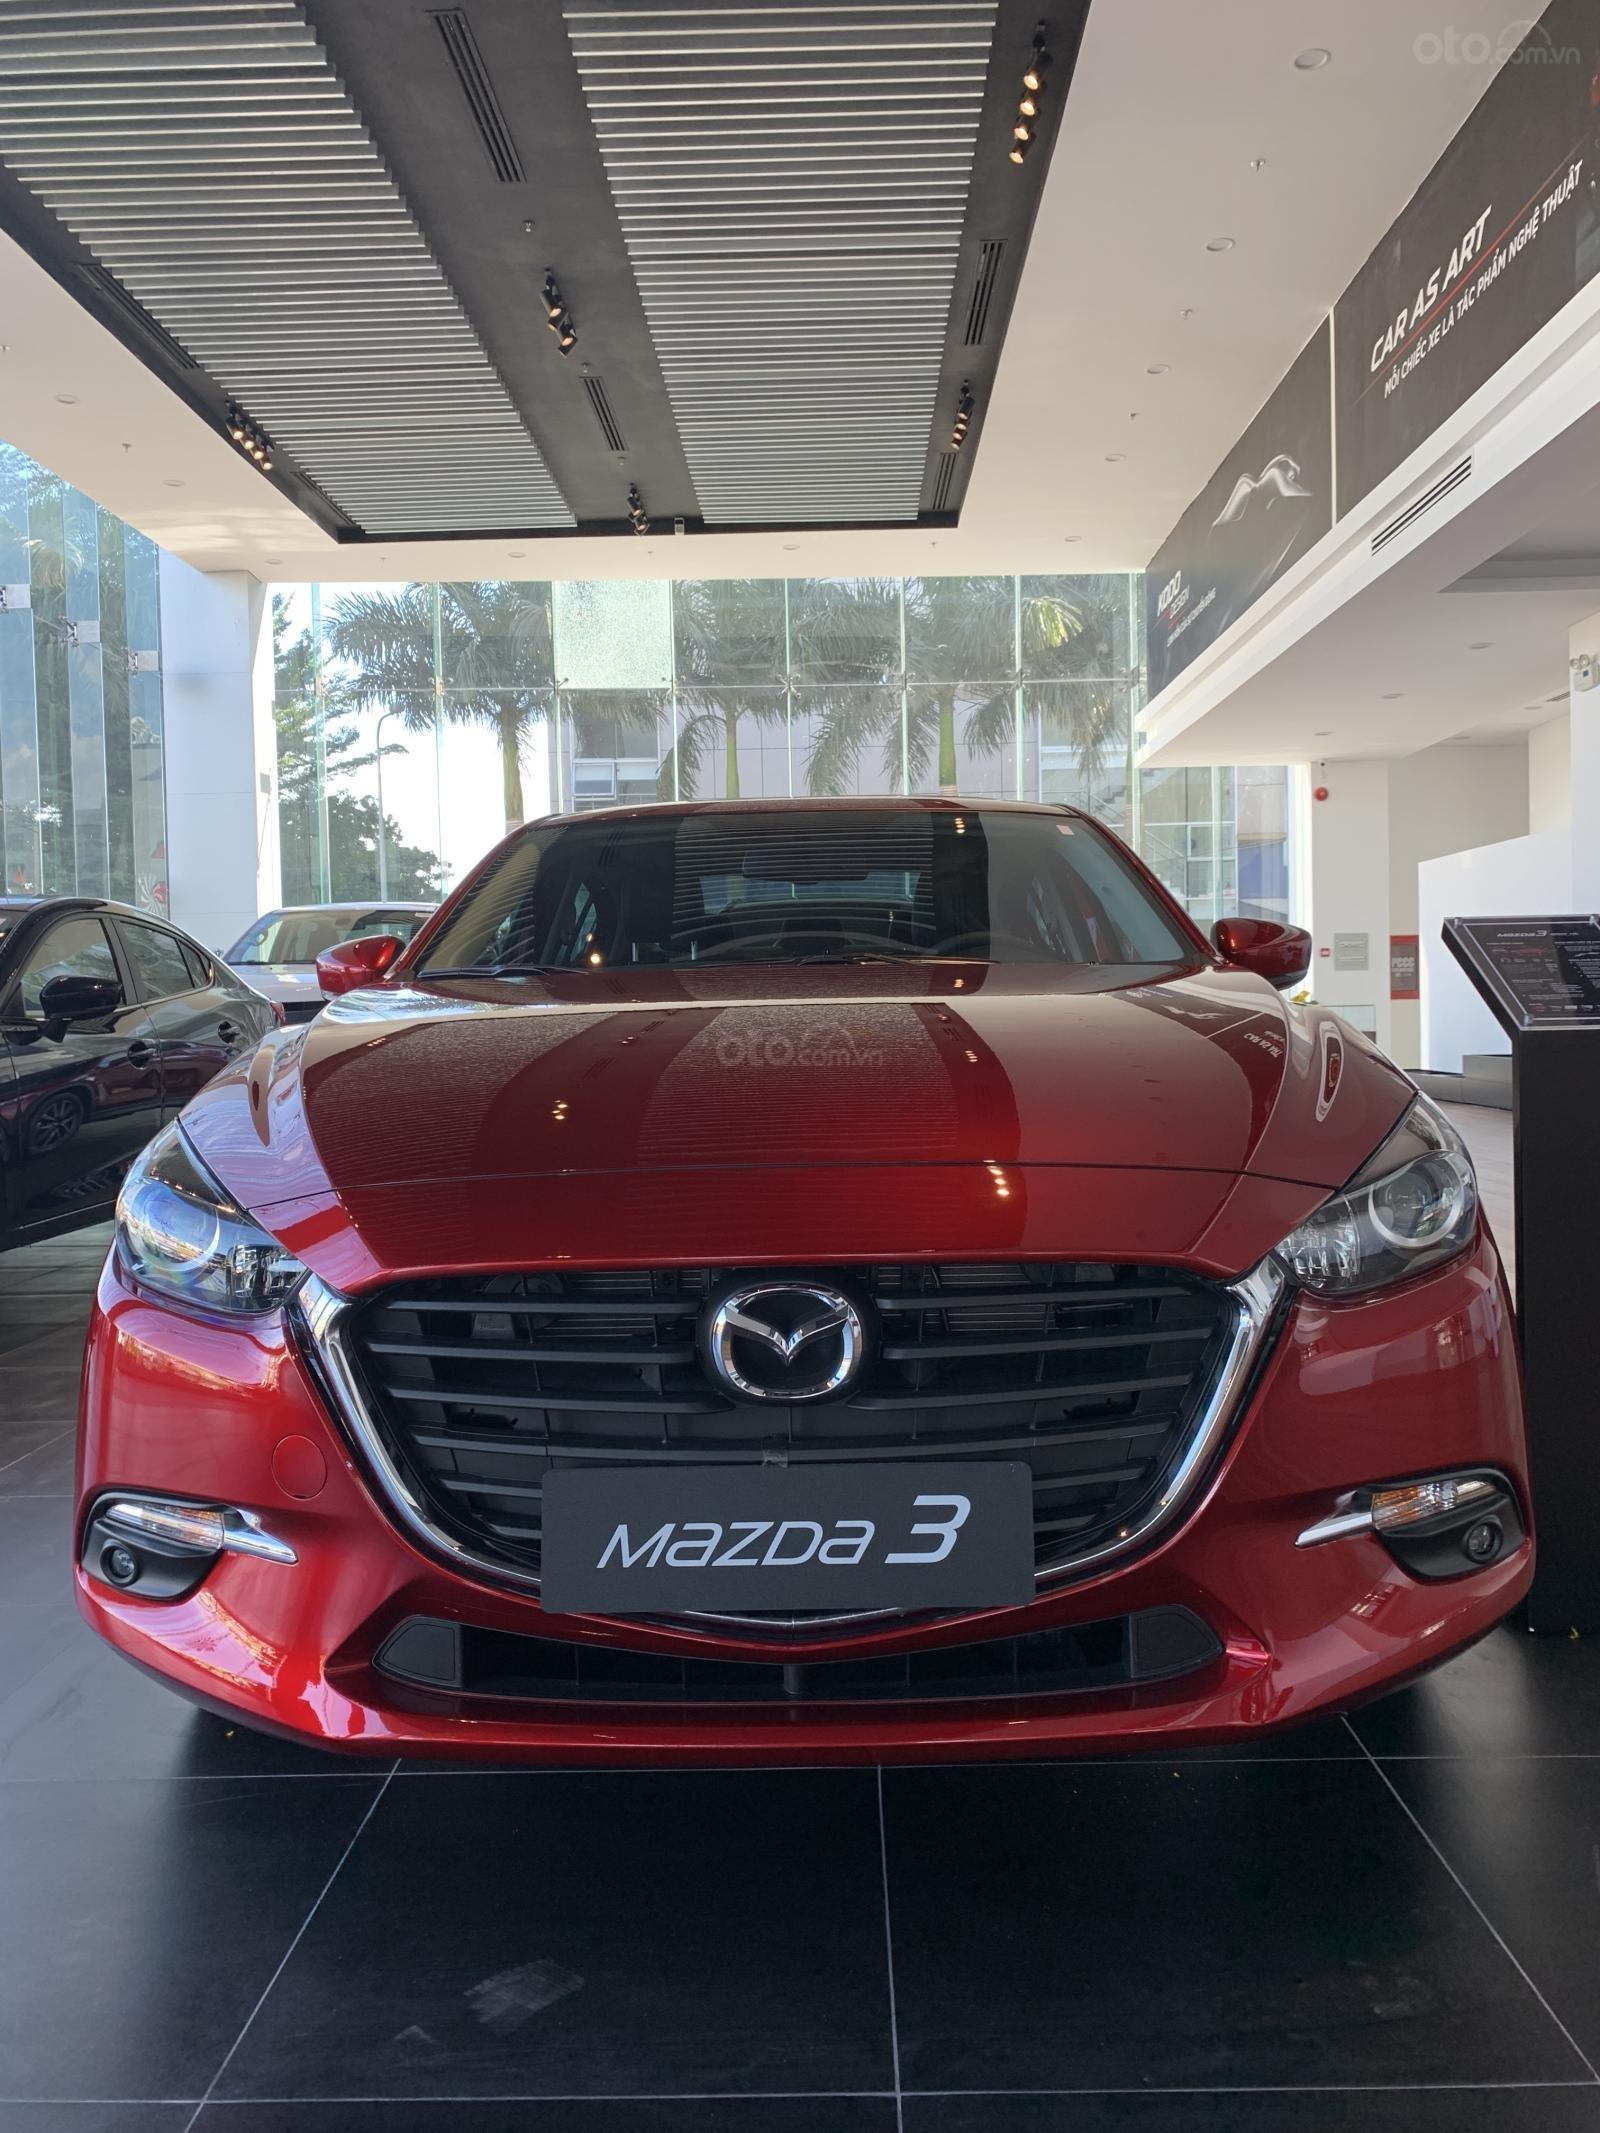 Bán Mazda 3 giá từ 649tr, đủ màu, giao xe ngay, tặng gói bảo dưỡng 3 năm miễn phí-0